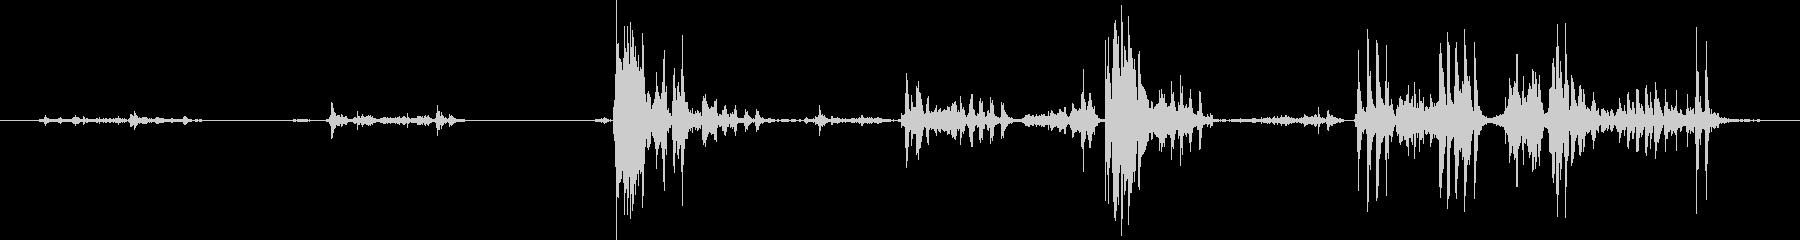 ガルルル..グルルル..ライオンの唸り声の未再生の波形